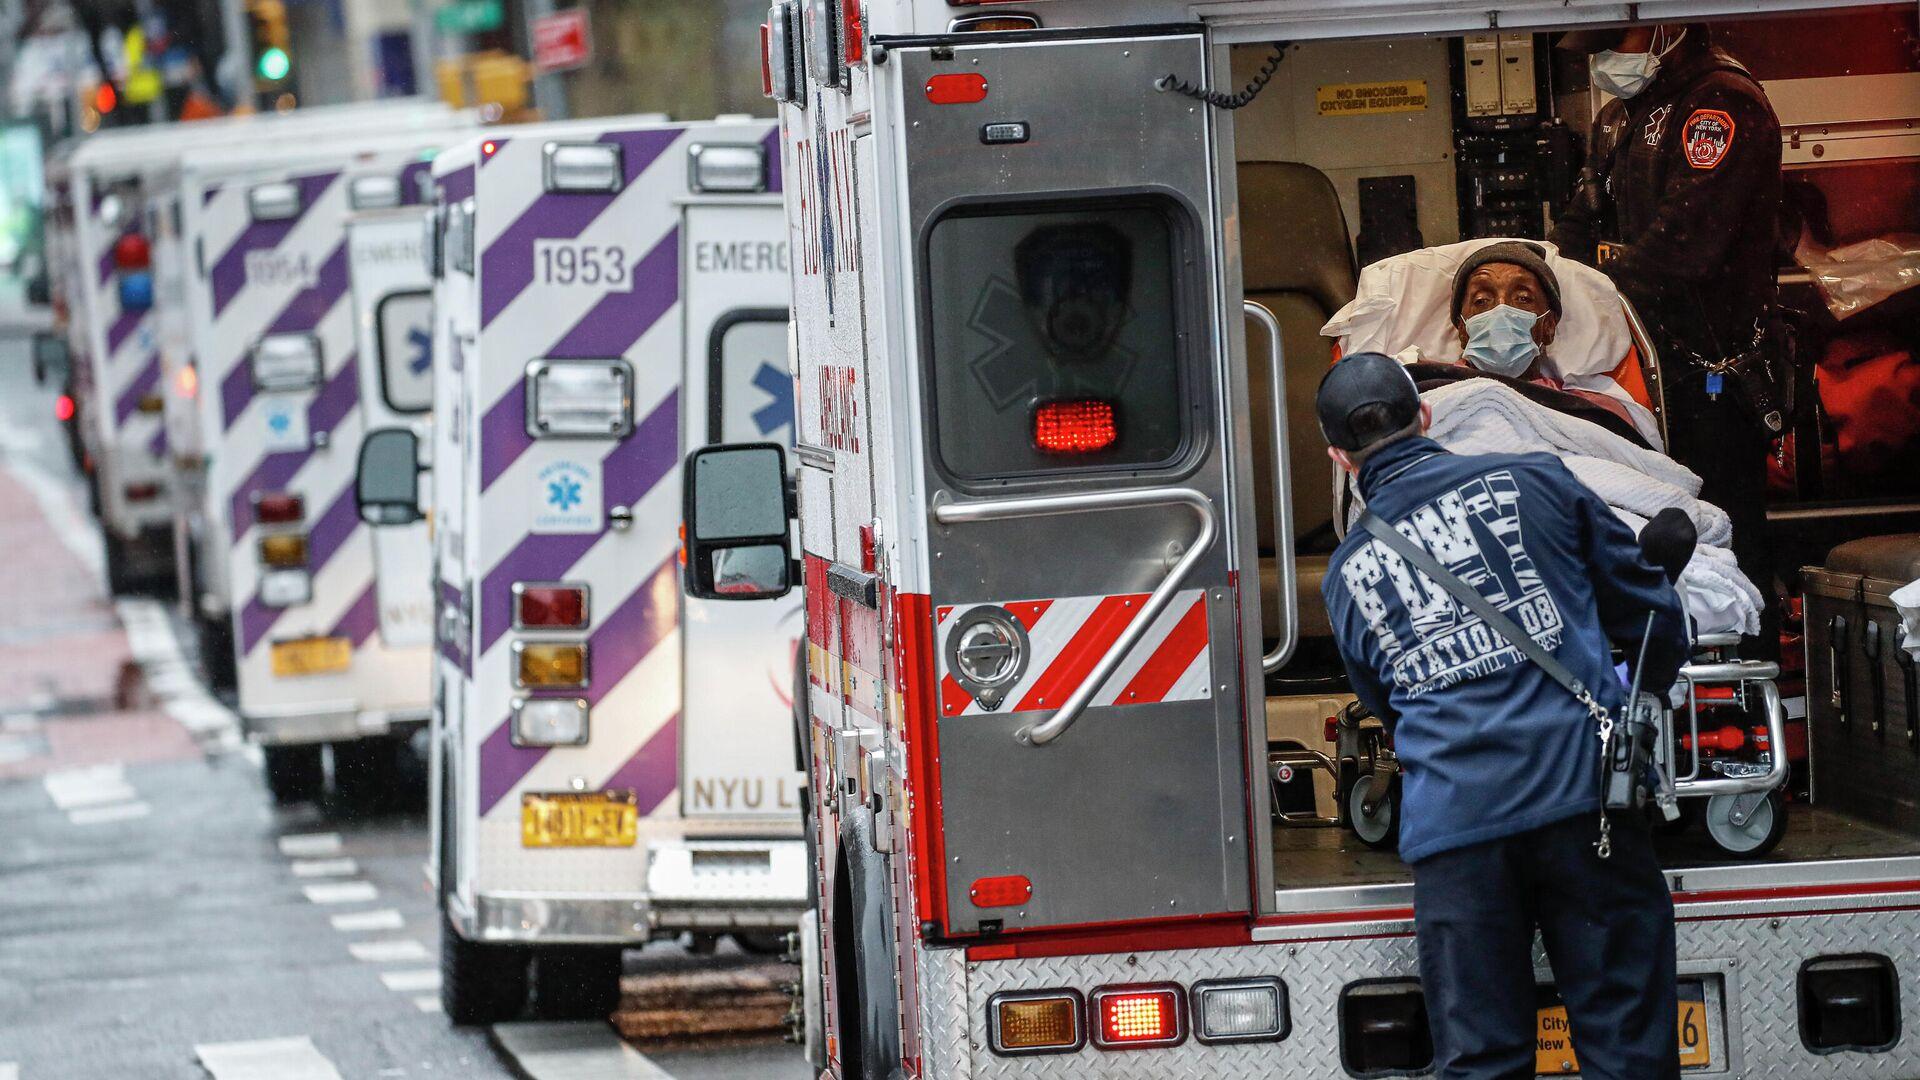 Пациент в машине скорой помощи возле медицинского центра NYU Langone в Нью-Йорке - РИА Новости, 1920, 31.03.2021